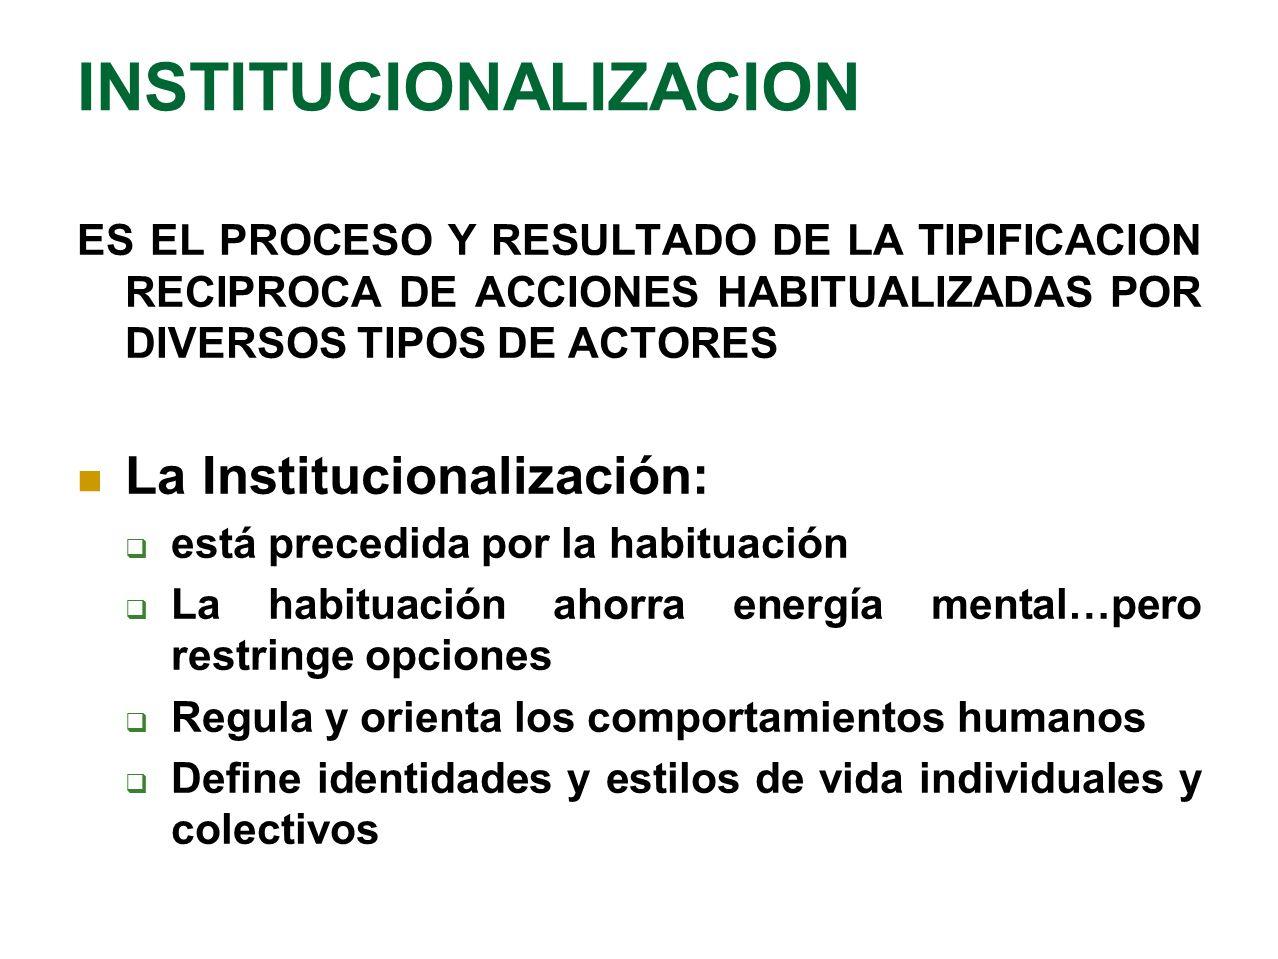 ES EL PROCESO Y RESULTADO DE LA TIPIFICACION RECIPROCA DE ACCIONES HABITUALIZADAS POR DIVERSOS TIPOS DE ACTORES La Institucionalización: está precedid